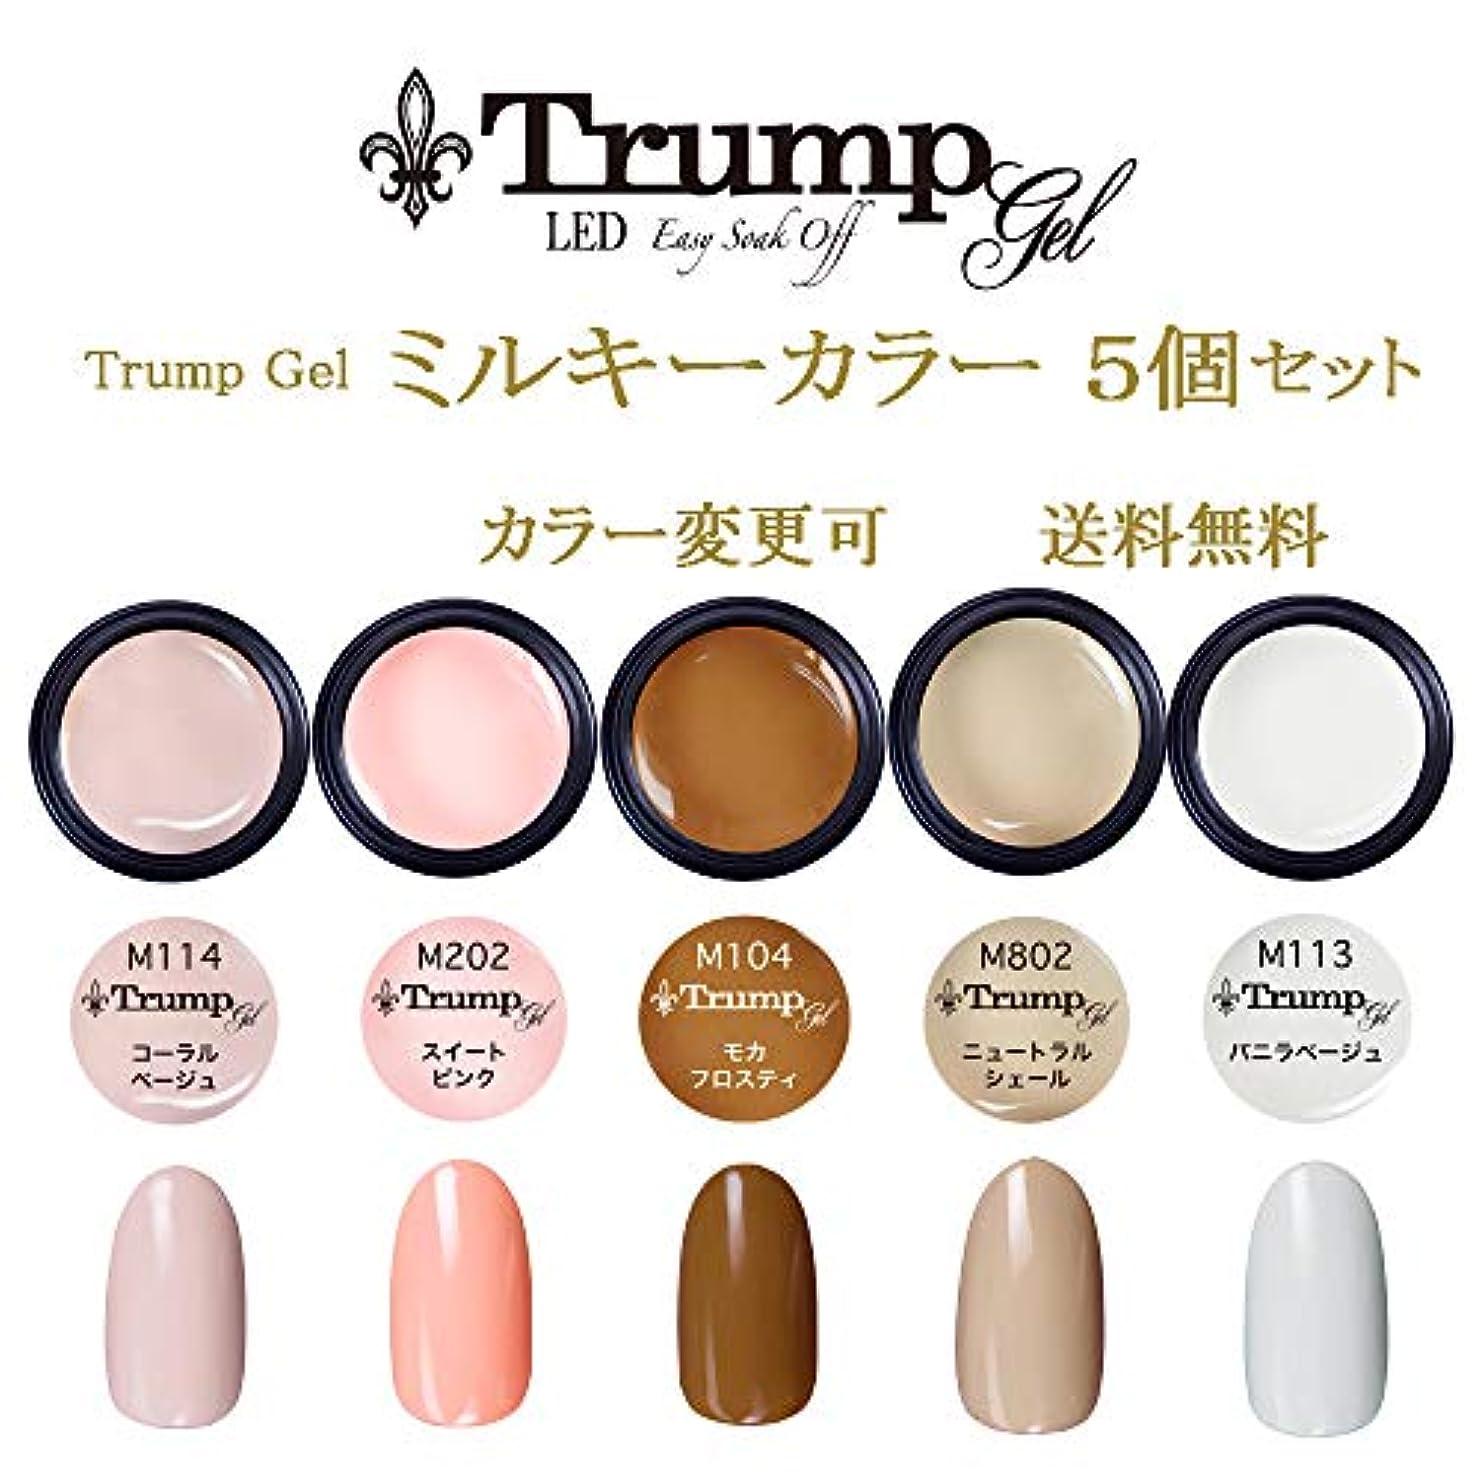 麺科学的排気【送料無料】日本製 Trump gel トランプジェル ミルキーカラー 選べる カラージェル 5個セット ミルキーネイル ベージュ ピンク ミルキー カラー